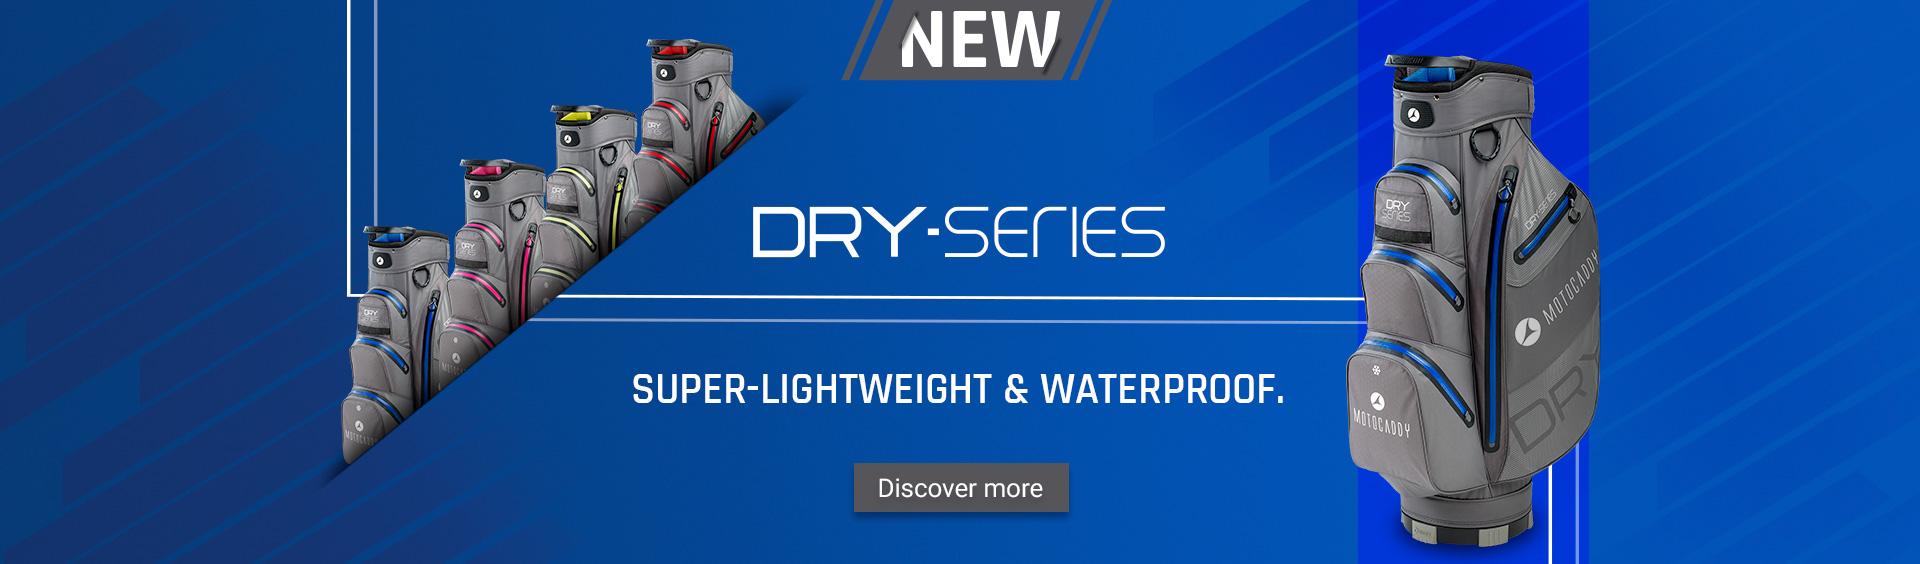 Dry-Series Bag